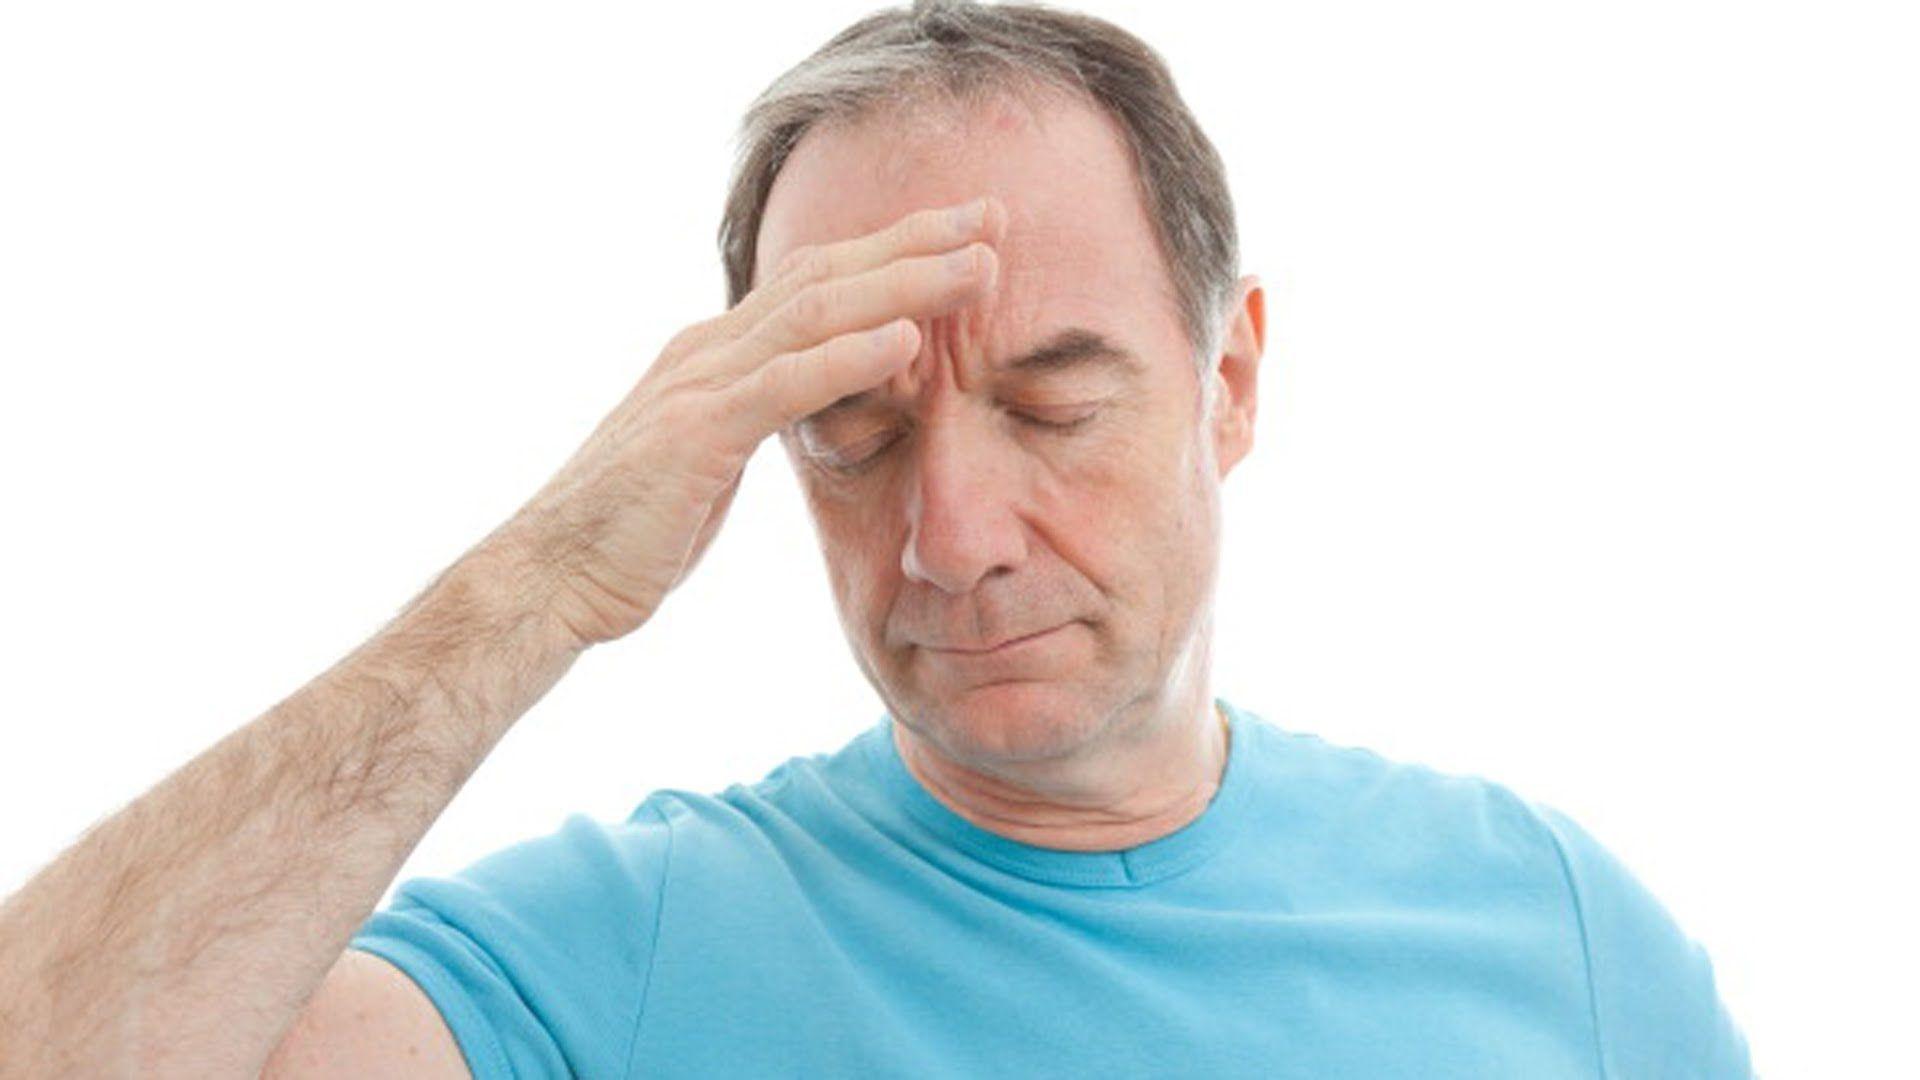 menopausia en hombres a que edad